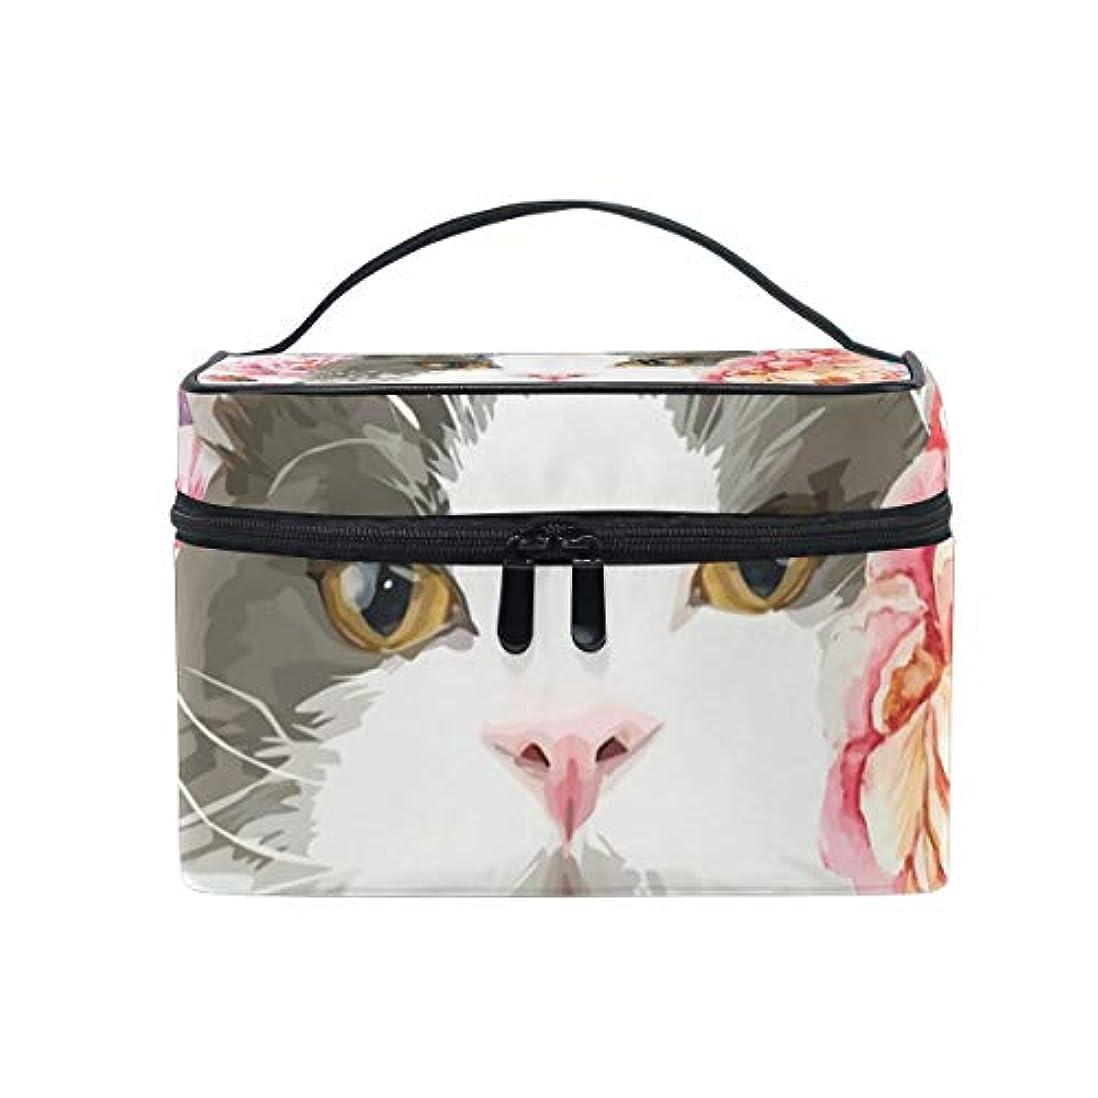 枠改修雇用メイクボックス 猫柄 花柄 楽しみ柄 化粧ポーチ 化粧品 化粧道具 小物入れ メイクブラシバッグ 大容量 旅行用 収納ケース